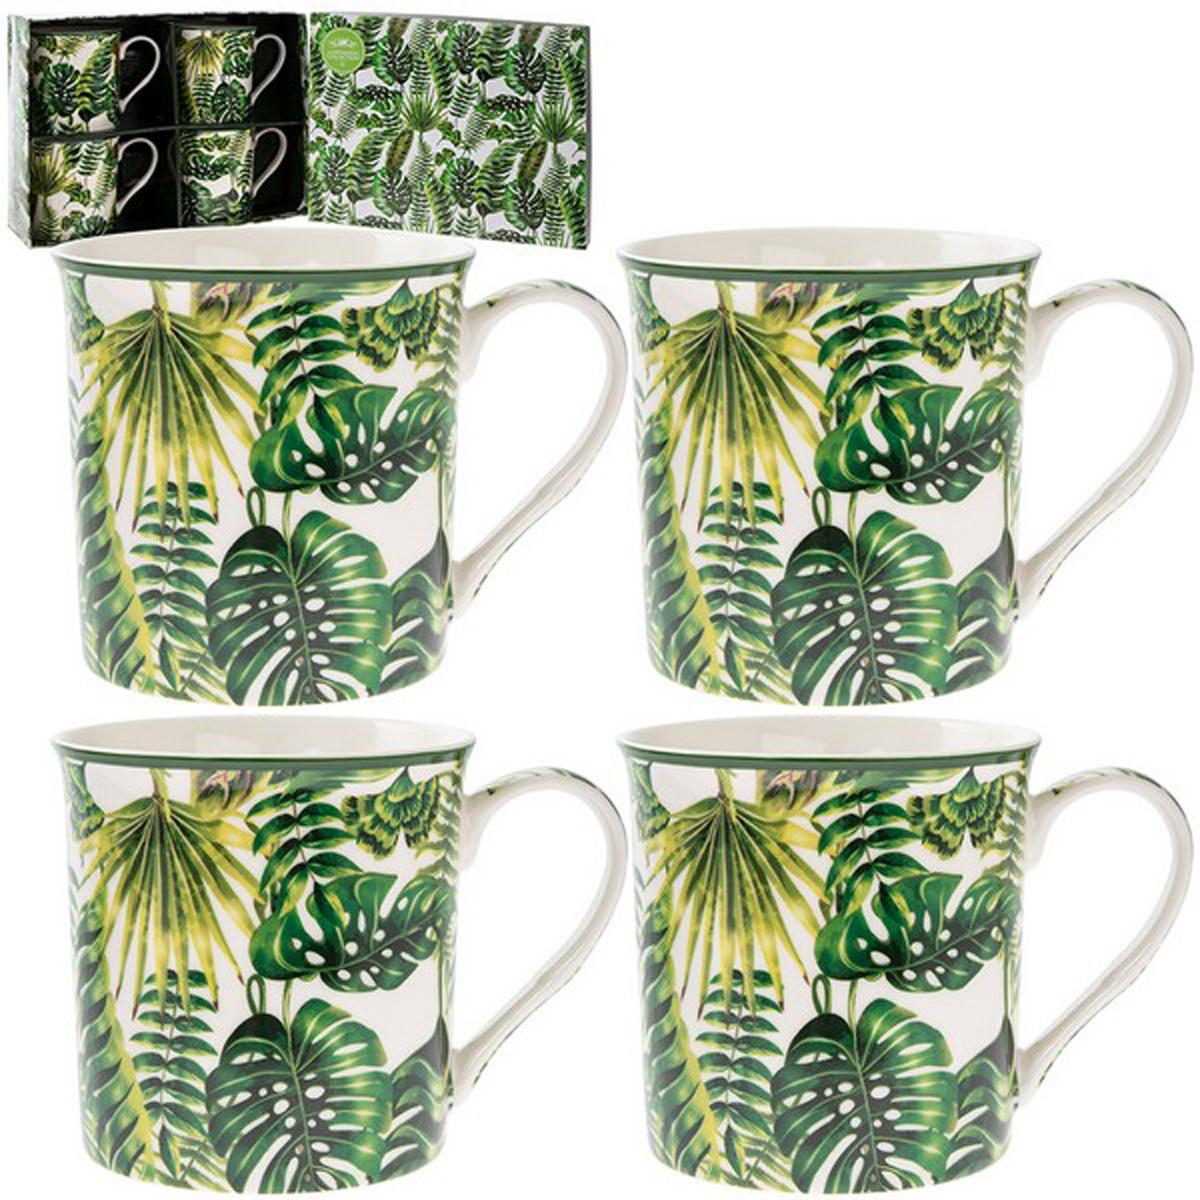 Coffret mugs porcelaine \'Jungle\' vert blanc (4 mugs) - 85x85 mm - [Q2785]